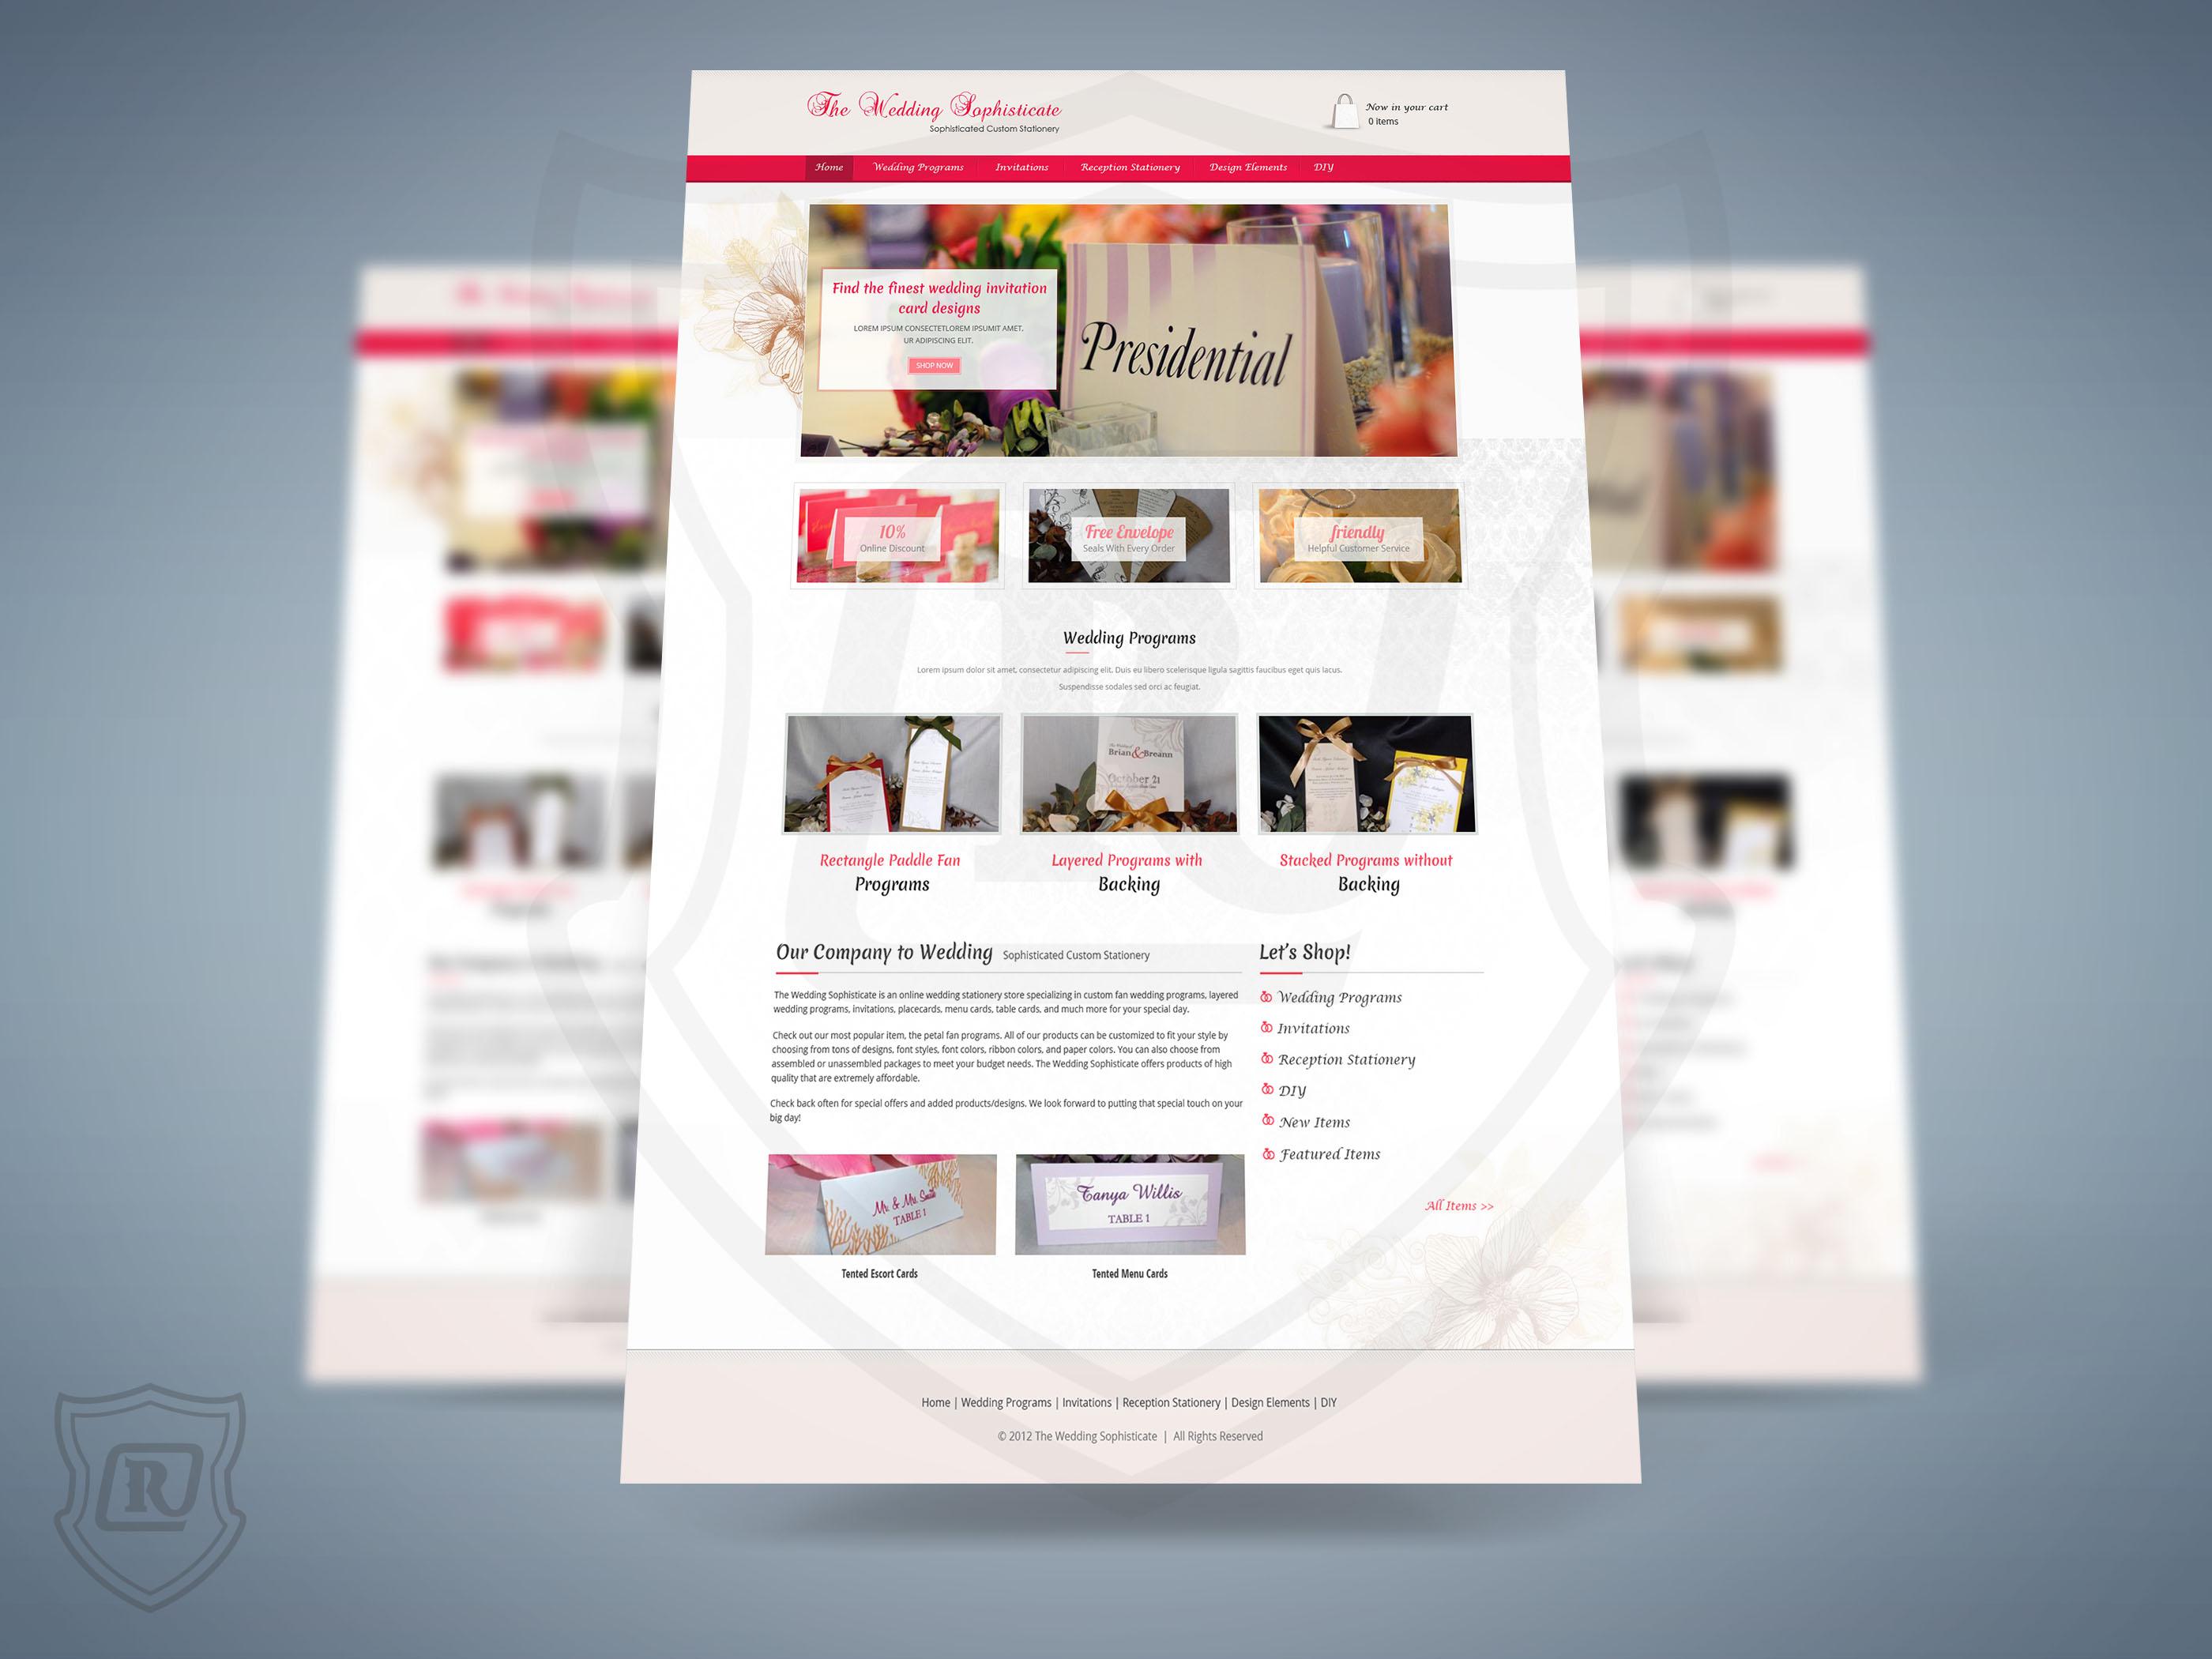 Web Design20